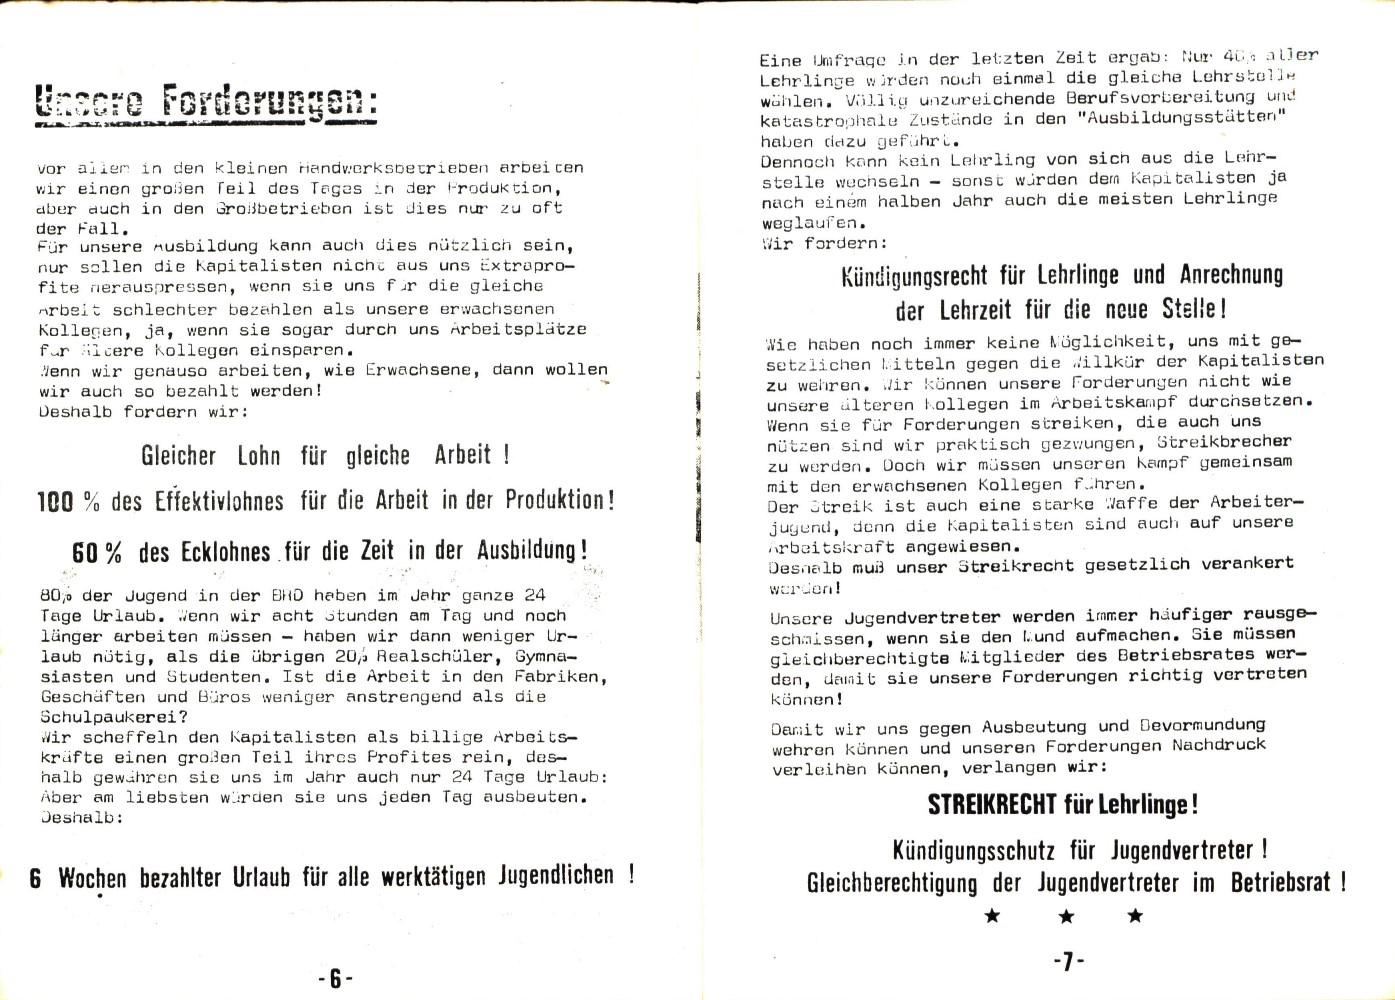 KJVD_1971_Der_wirtschaftliche_Kampf_der_Arbeiterjugend_04